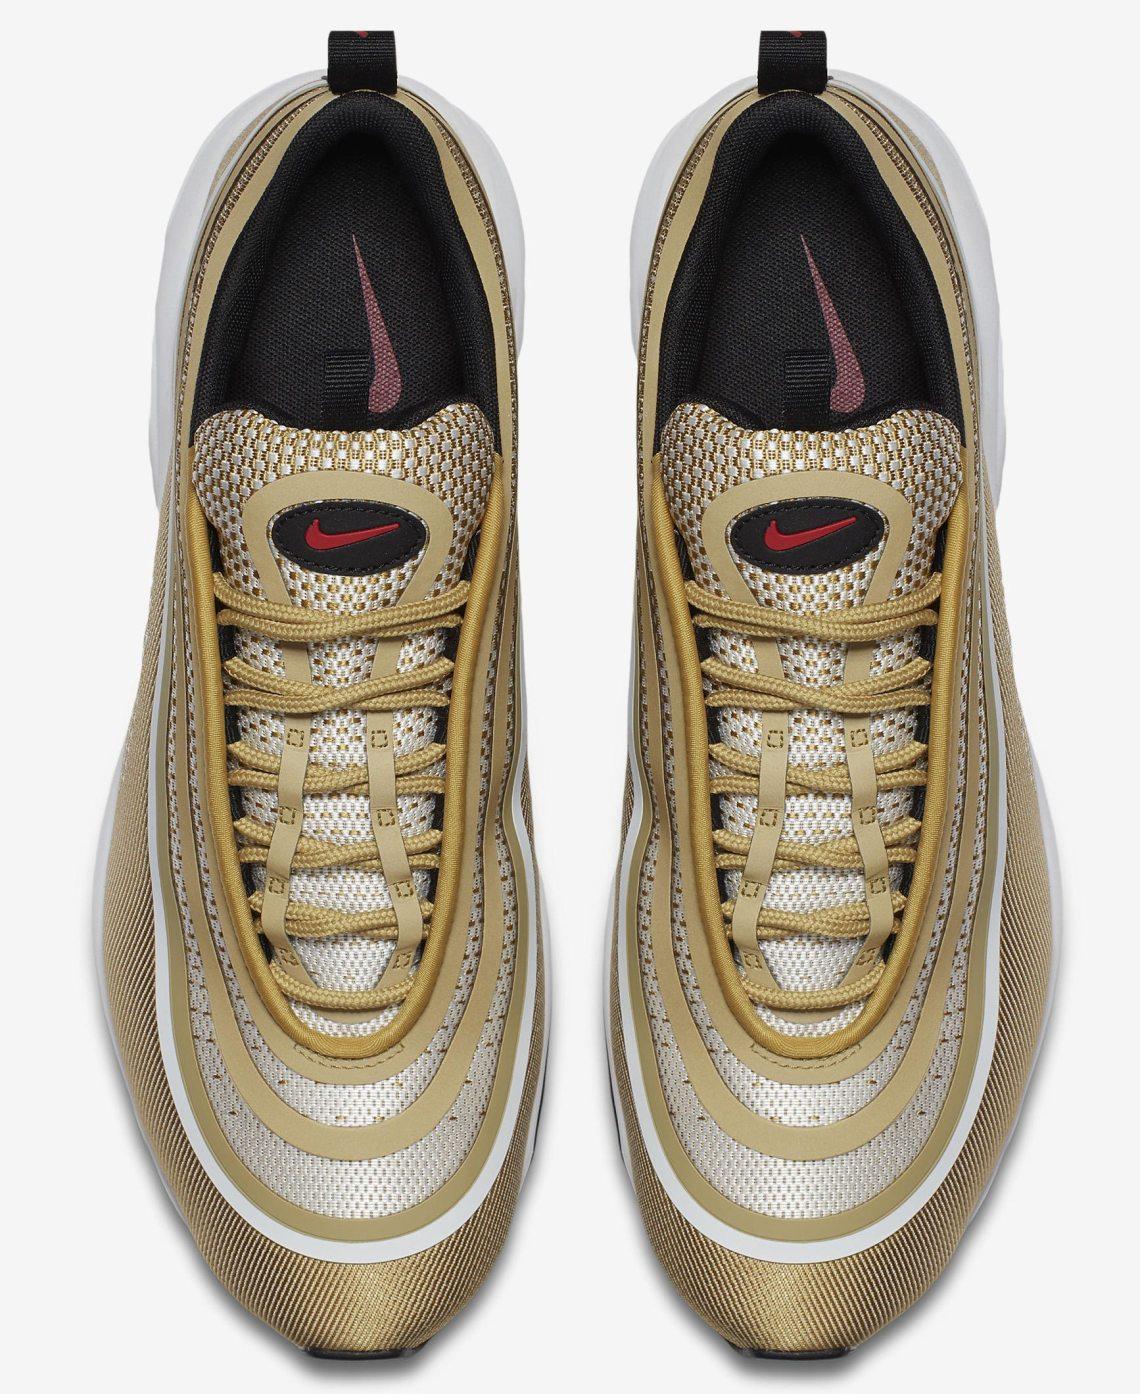 62491604b6 Nike Air Max 97 Ultra '17